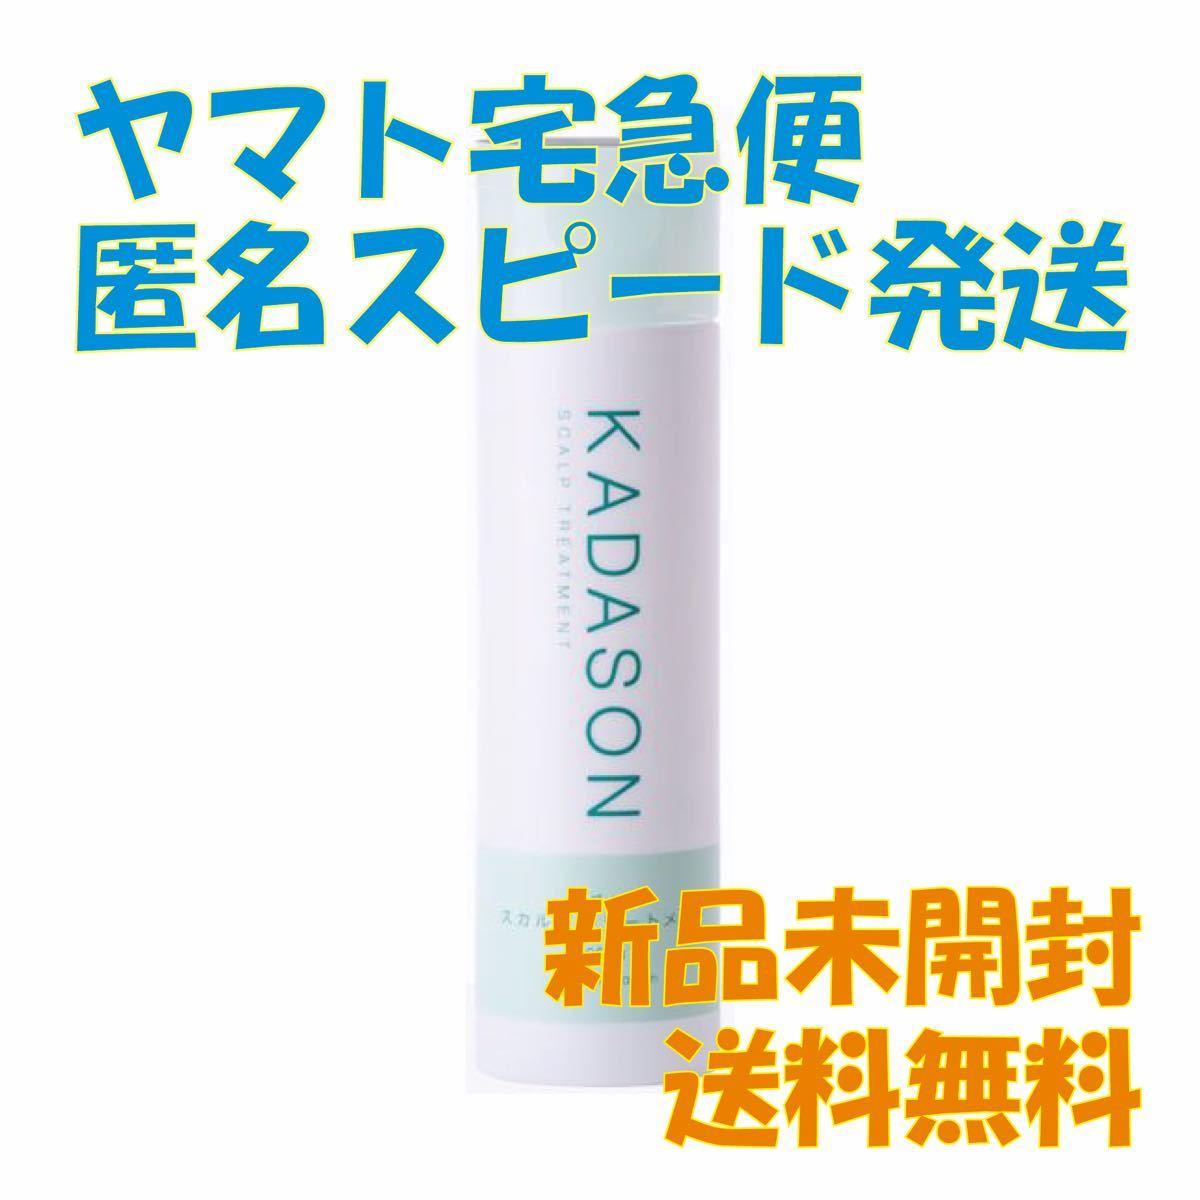 ★新品★KADASON スカルプトリートメント 250ml カダソン 医薬部外品